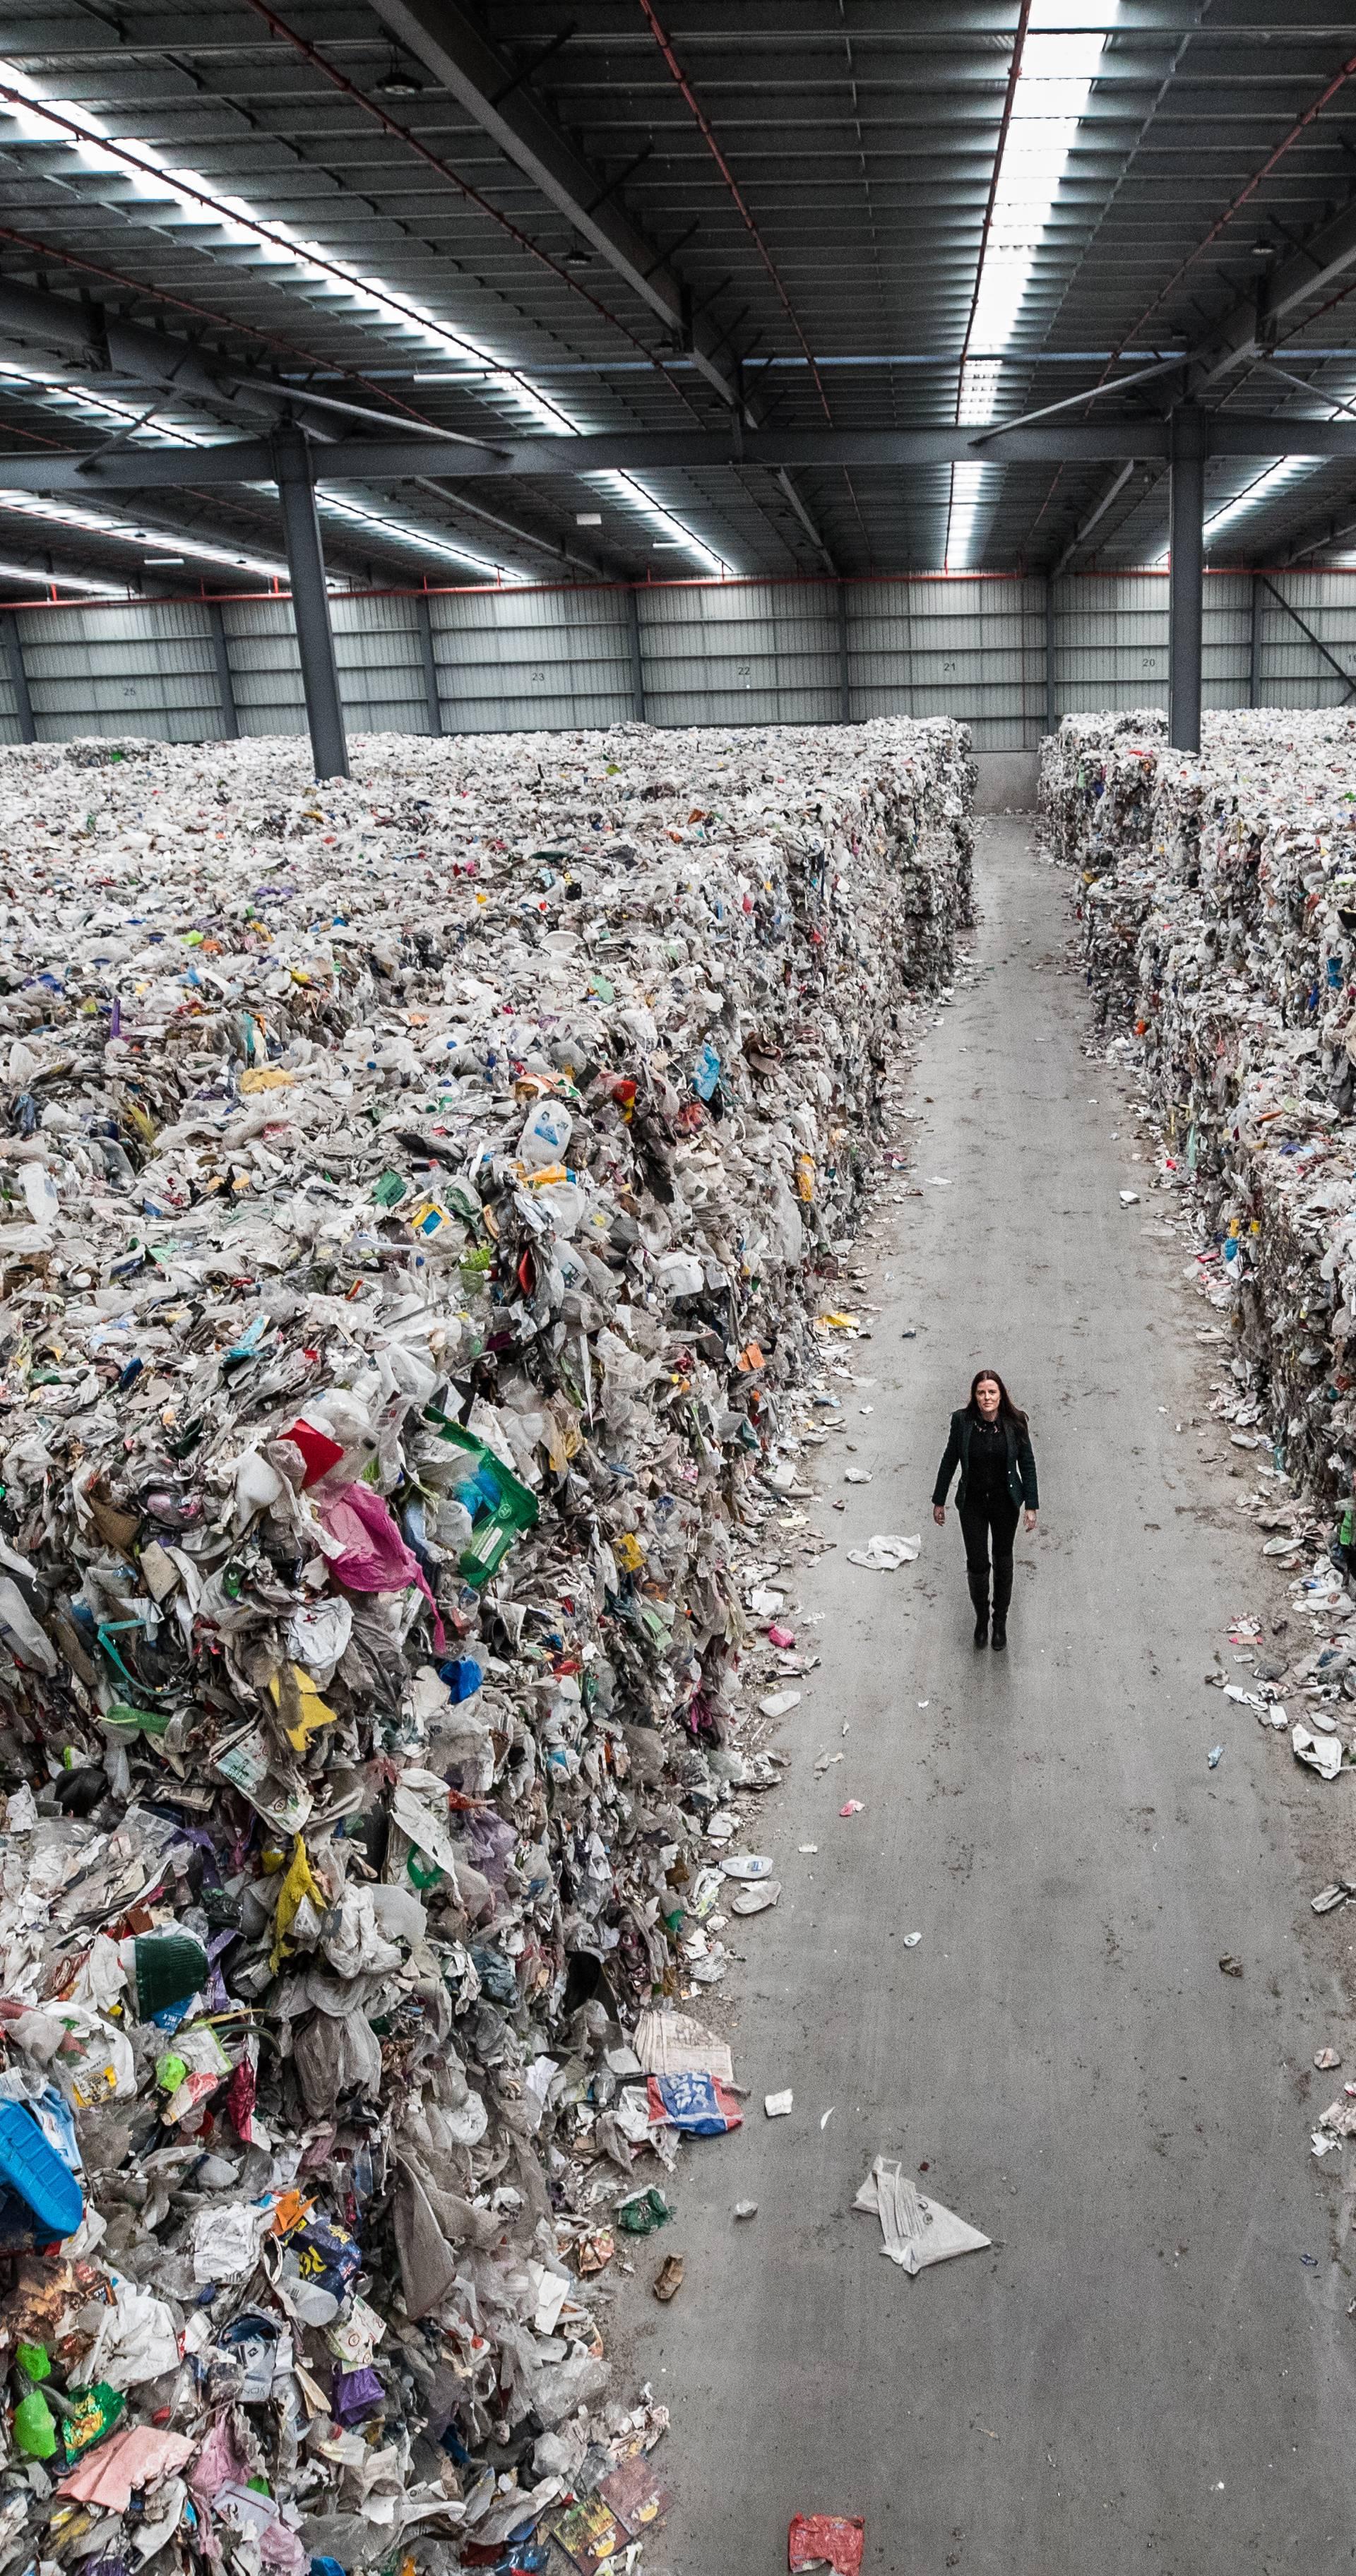 Najbolji su u reciklaži, smeća im i fali pa ga uvoze i griju se